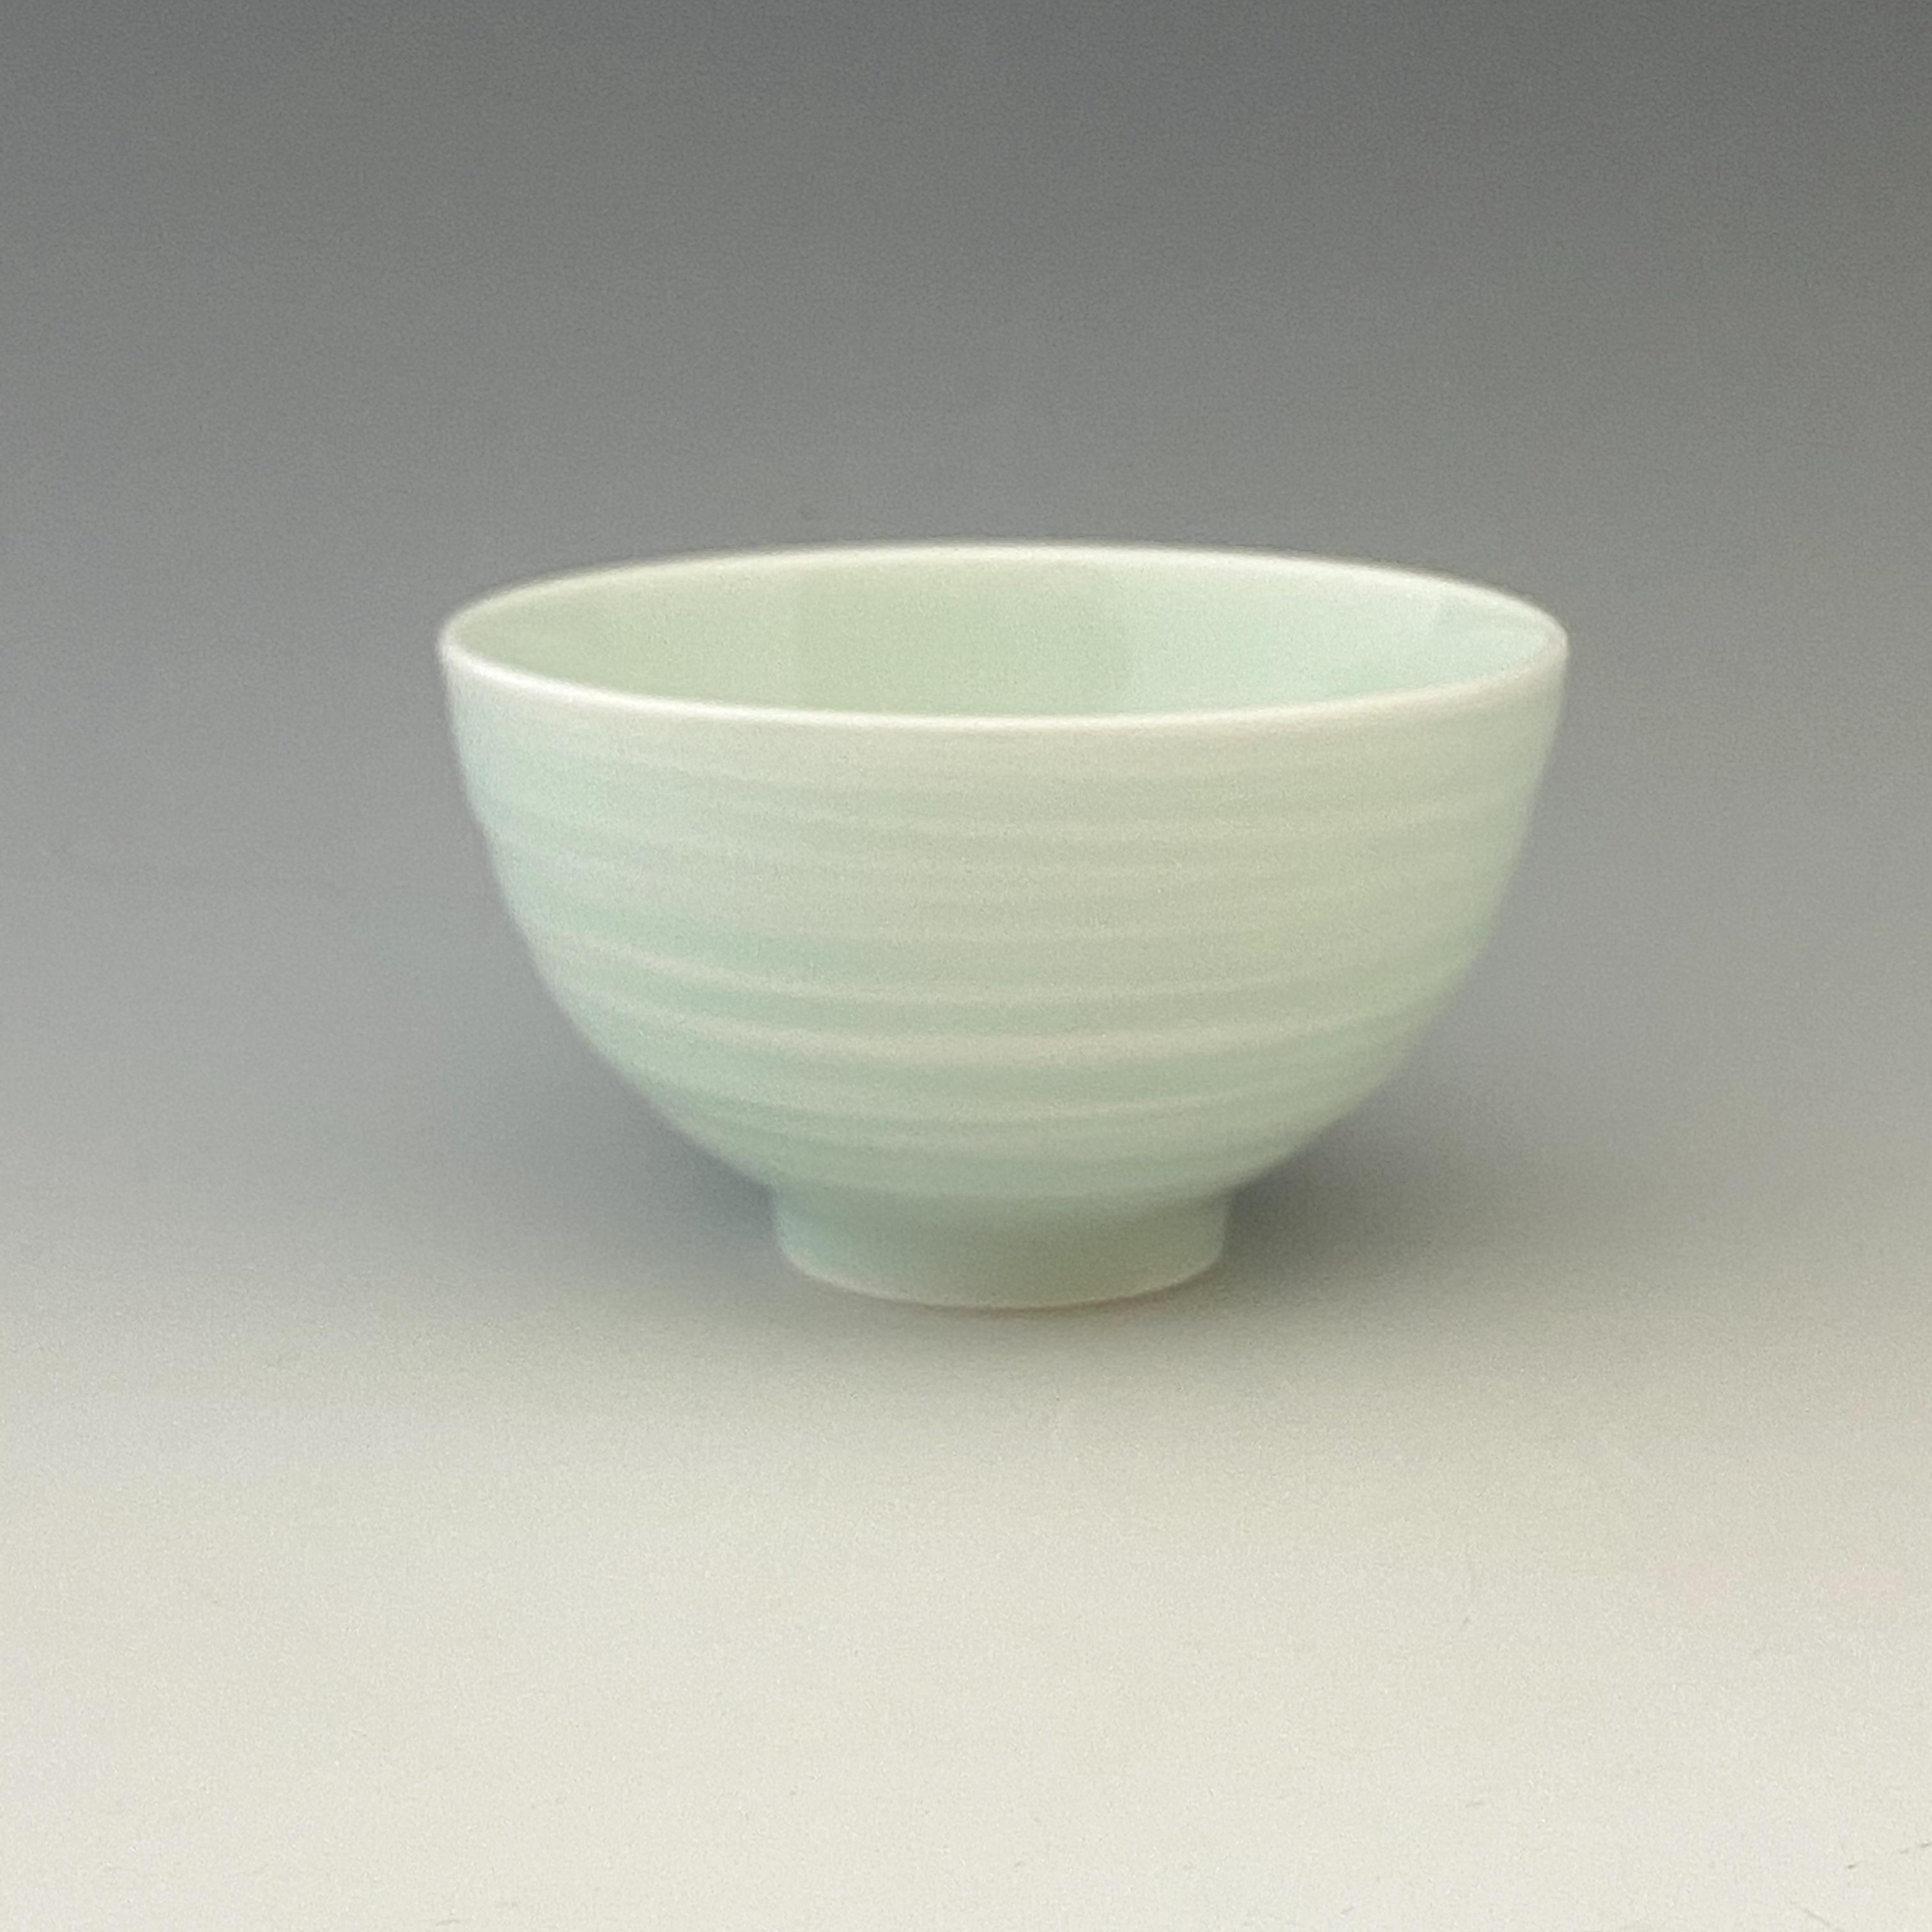 【中尾純】青白磁線彫碗(大)